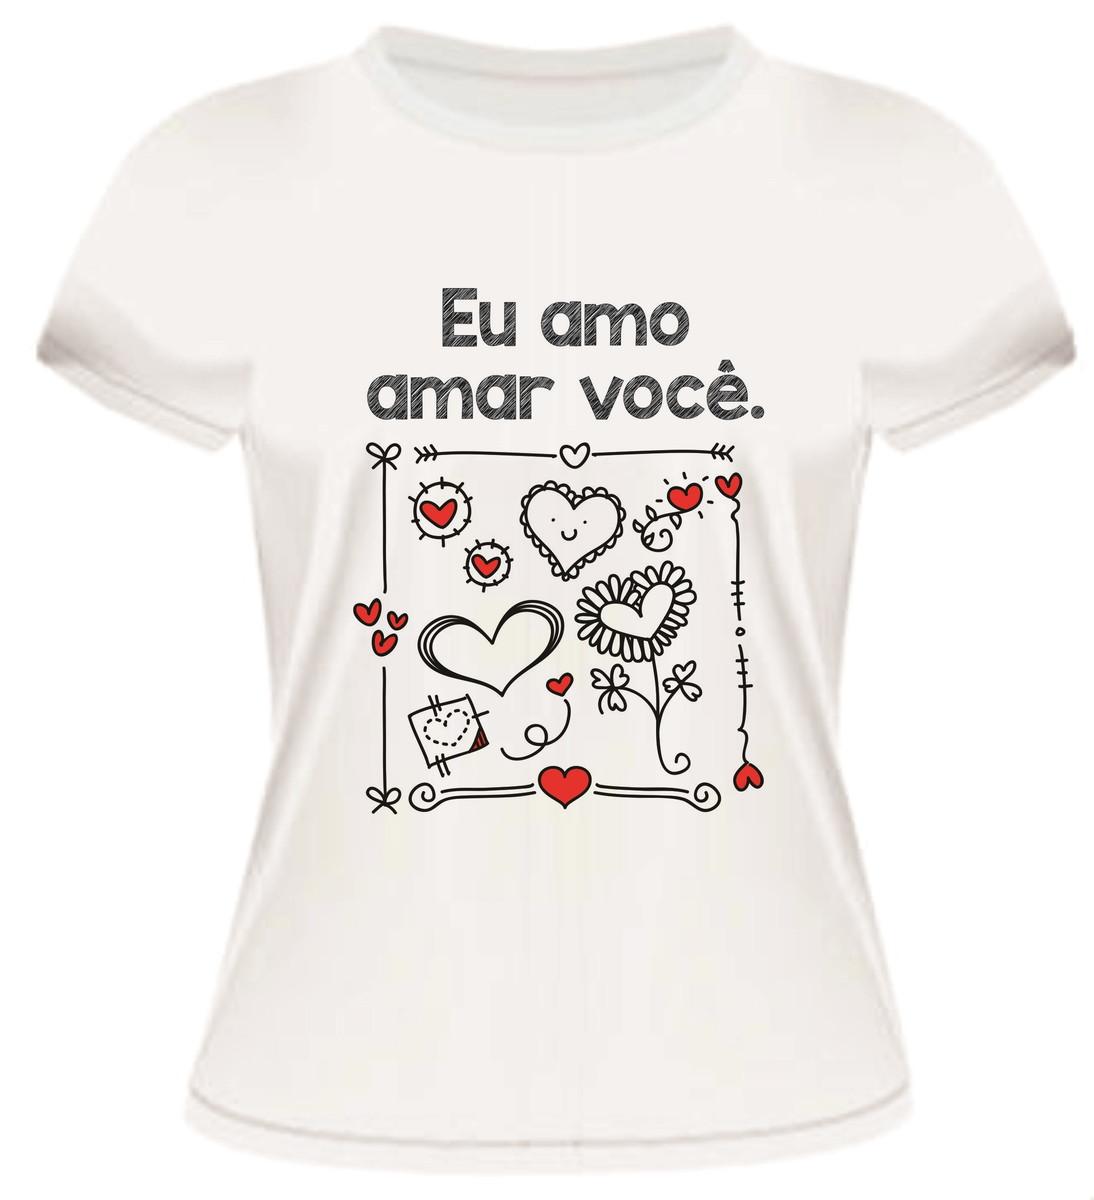 Camiseta Eu amo amar você no Elo7  521673e2fcde4